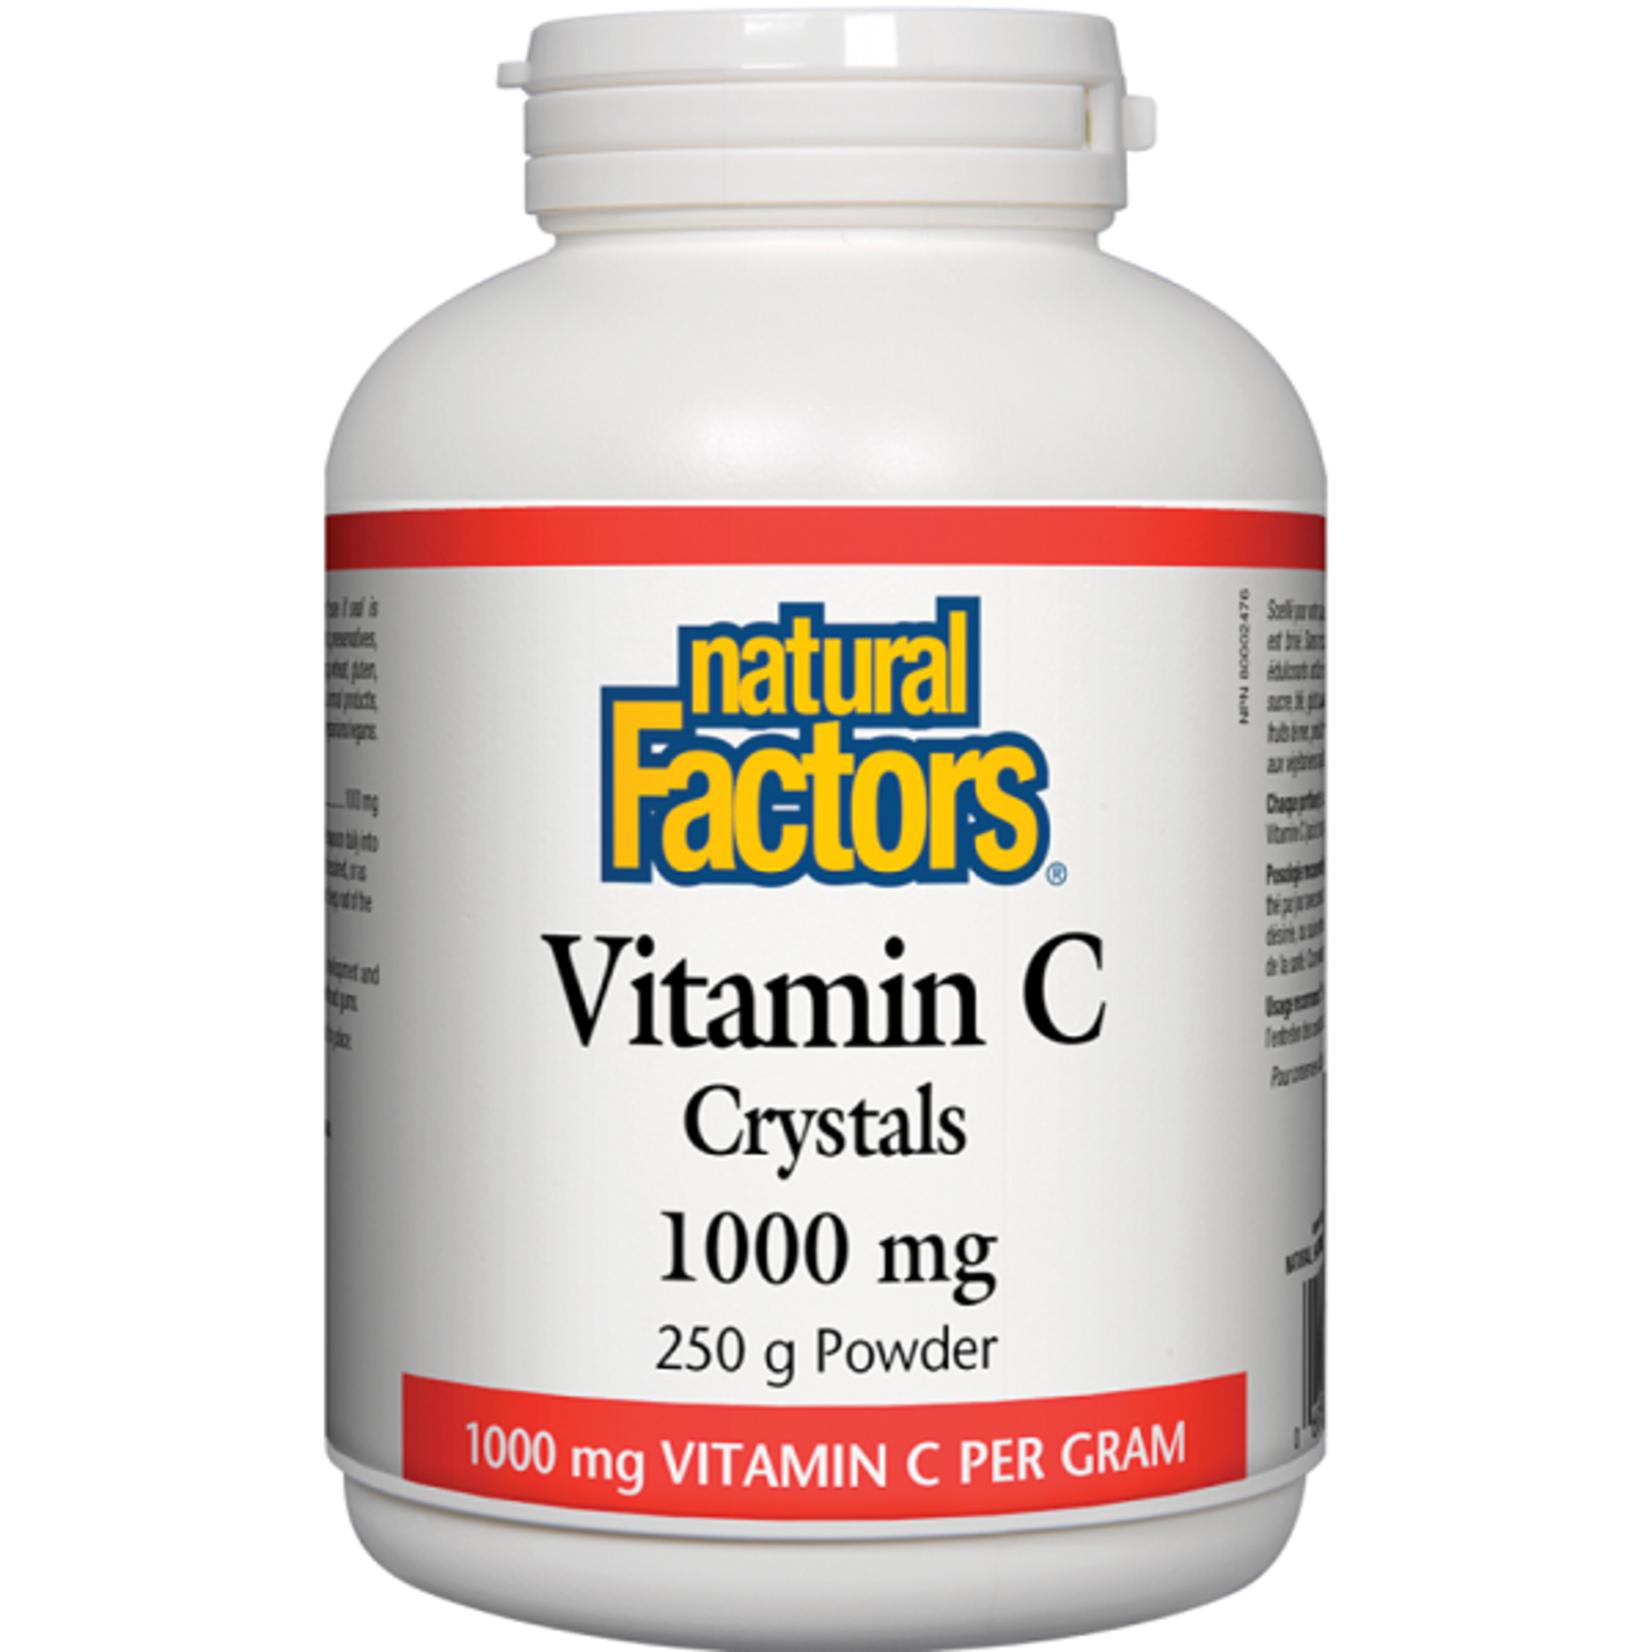 Natural Factors Natural Factors Vitamin C Crystals 1000mg 250g powder